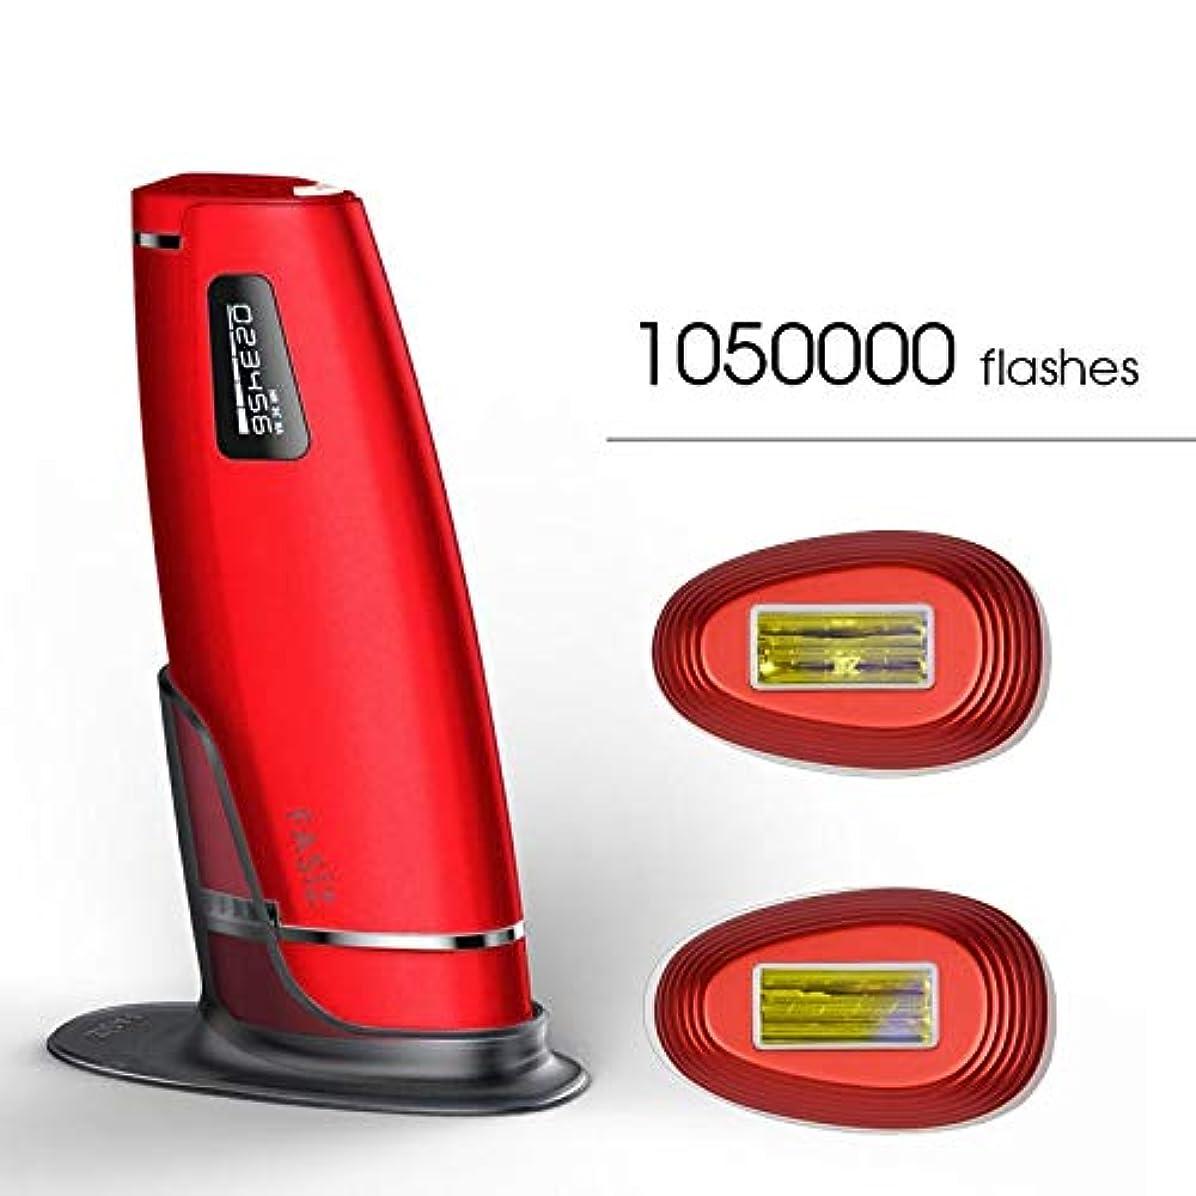 神アカウント事FANPING 3in1の1050000pulsed IPLレーザー脱毛デバイス永久脱毛IPLレーザー脱毛器脇脱毛機 (Color : 赤)